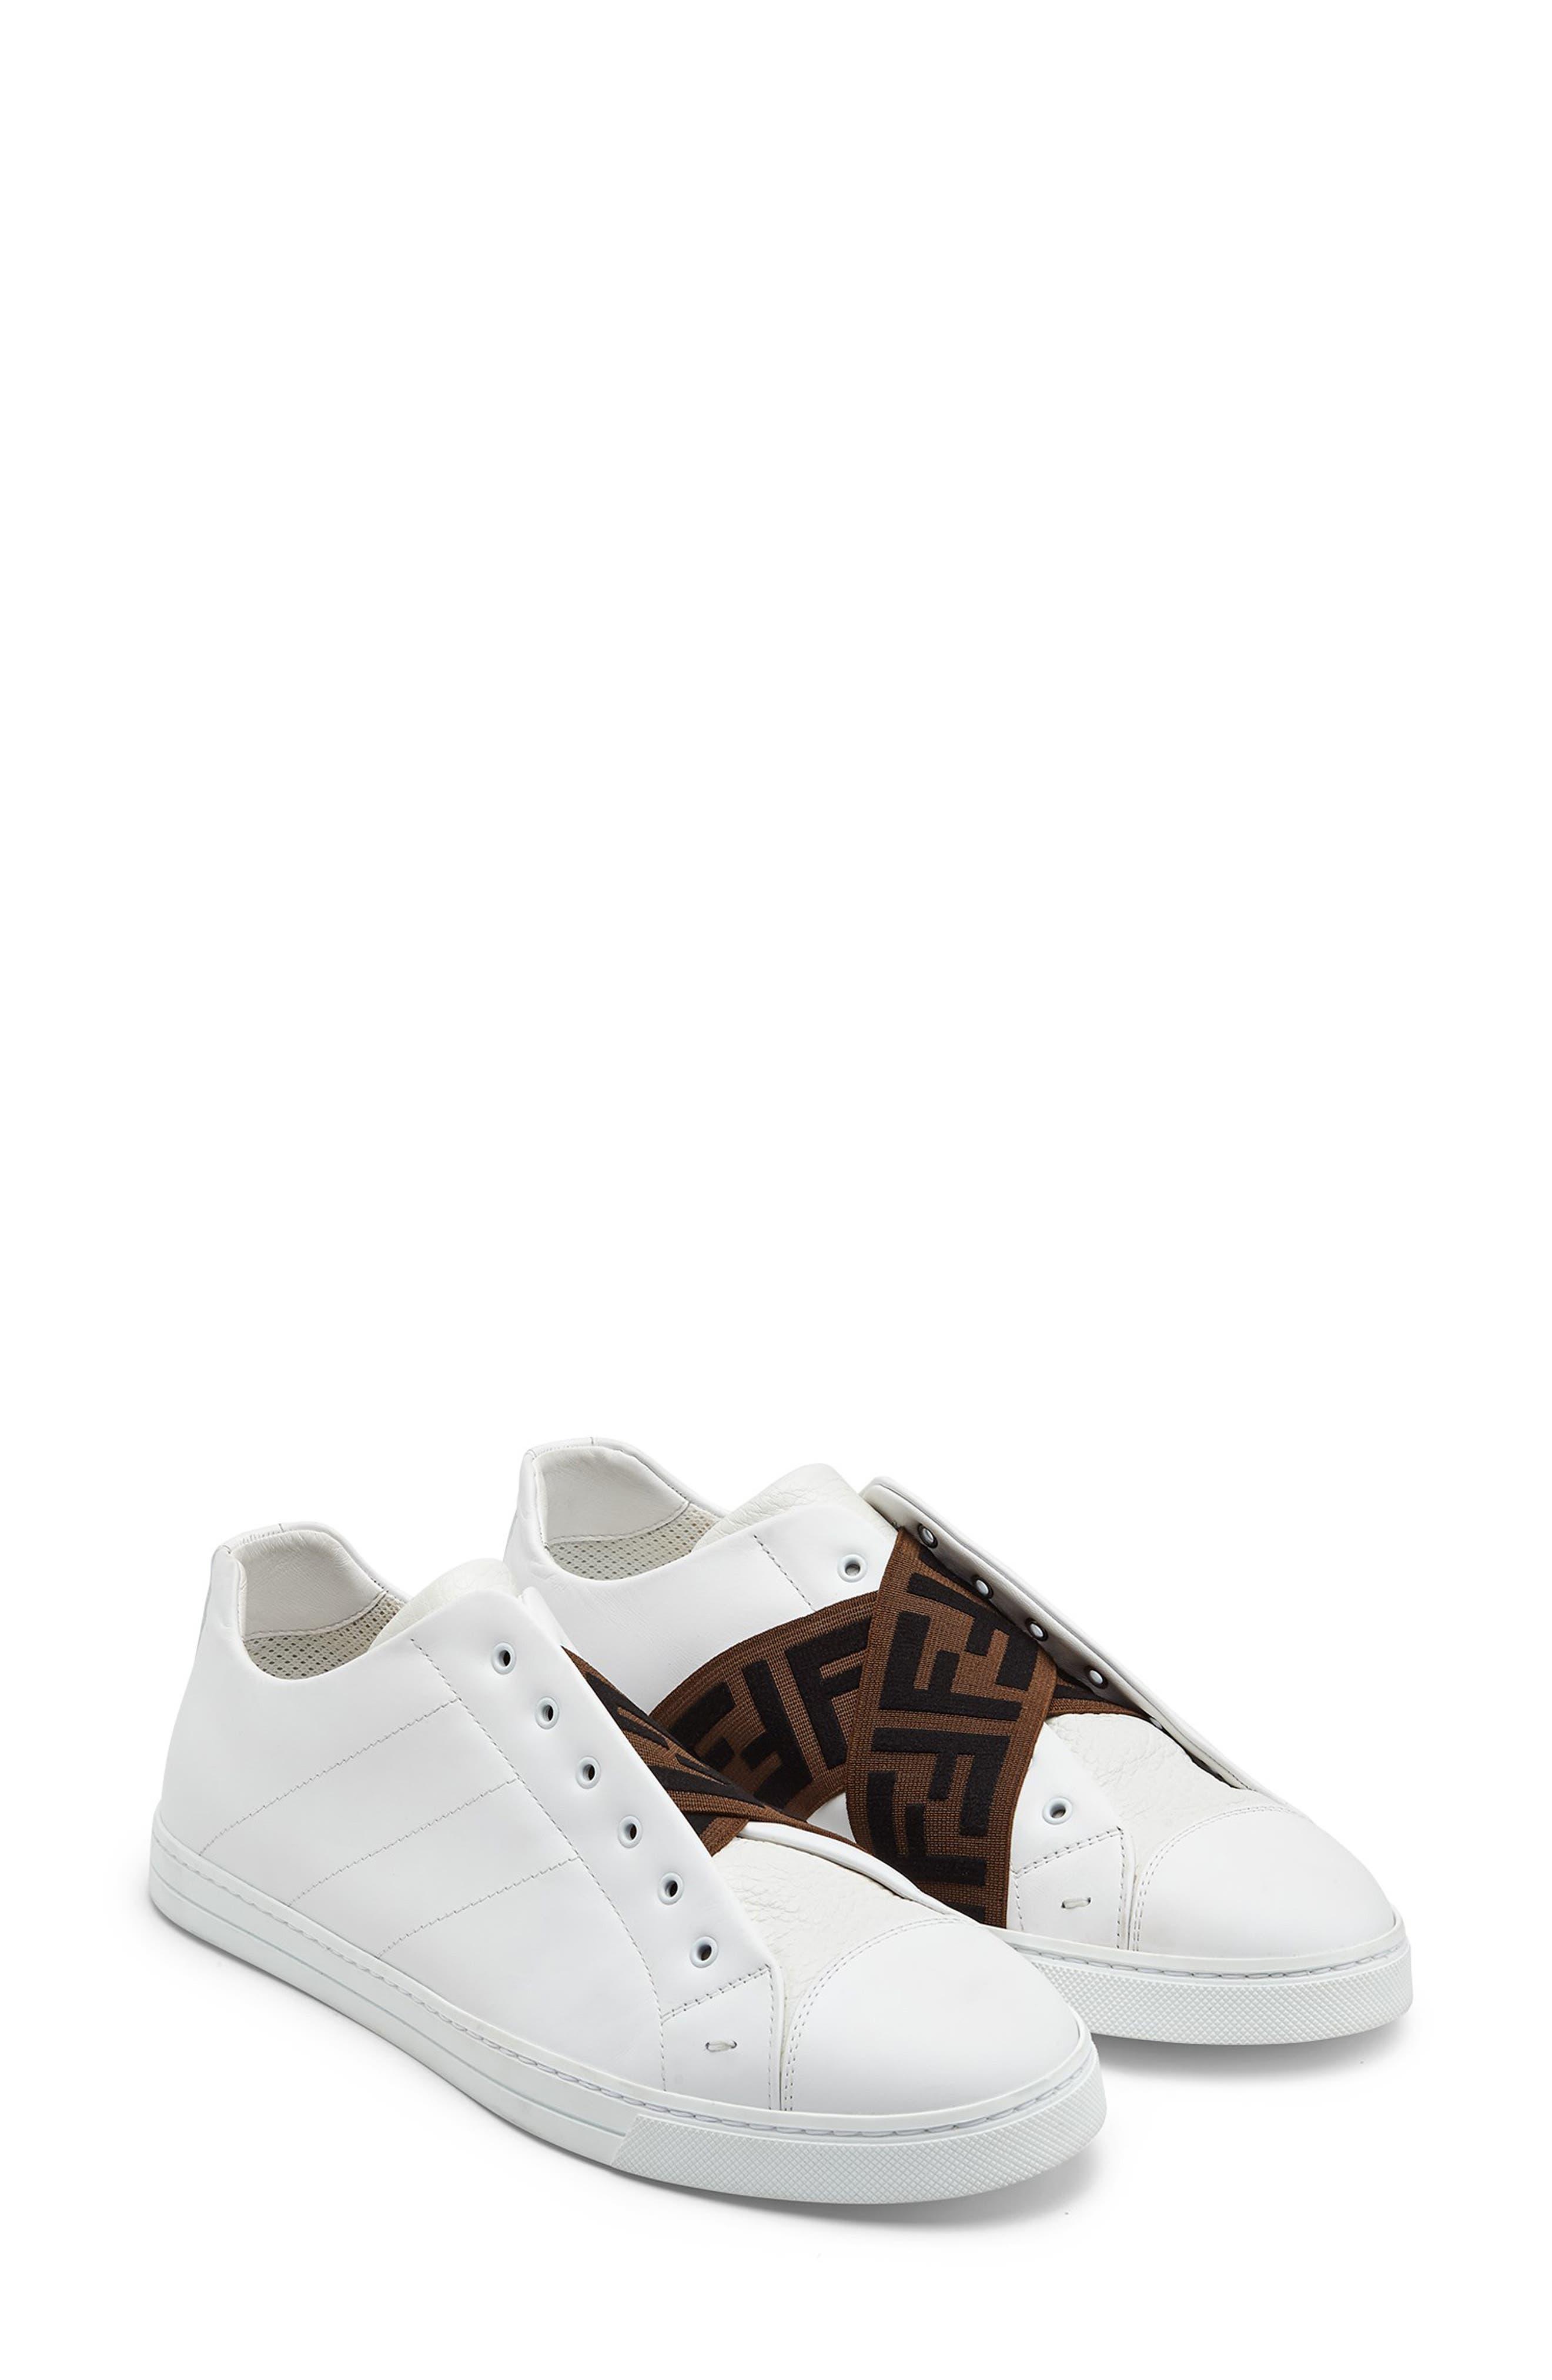 nordstrom fendi sneakers